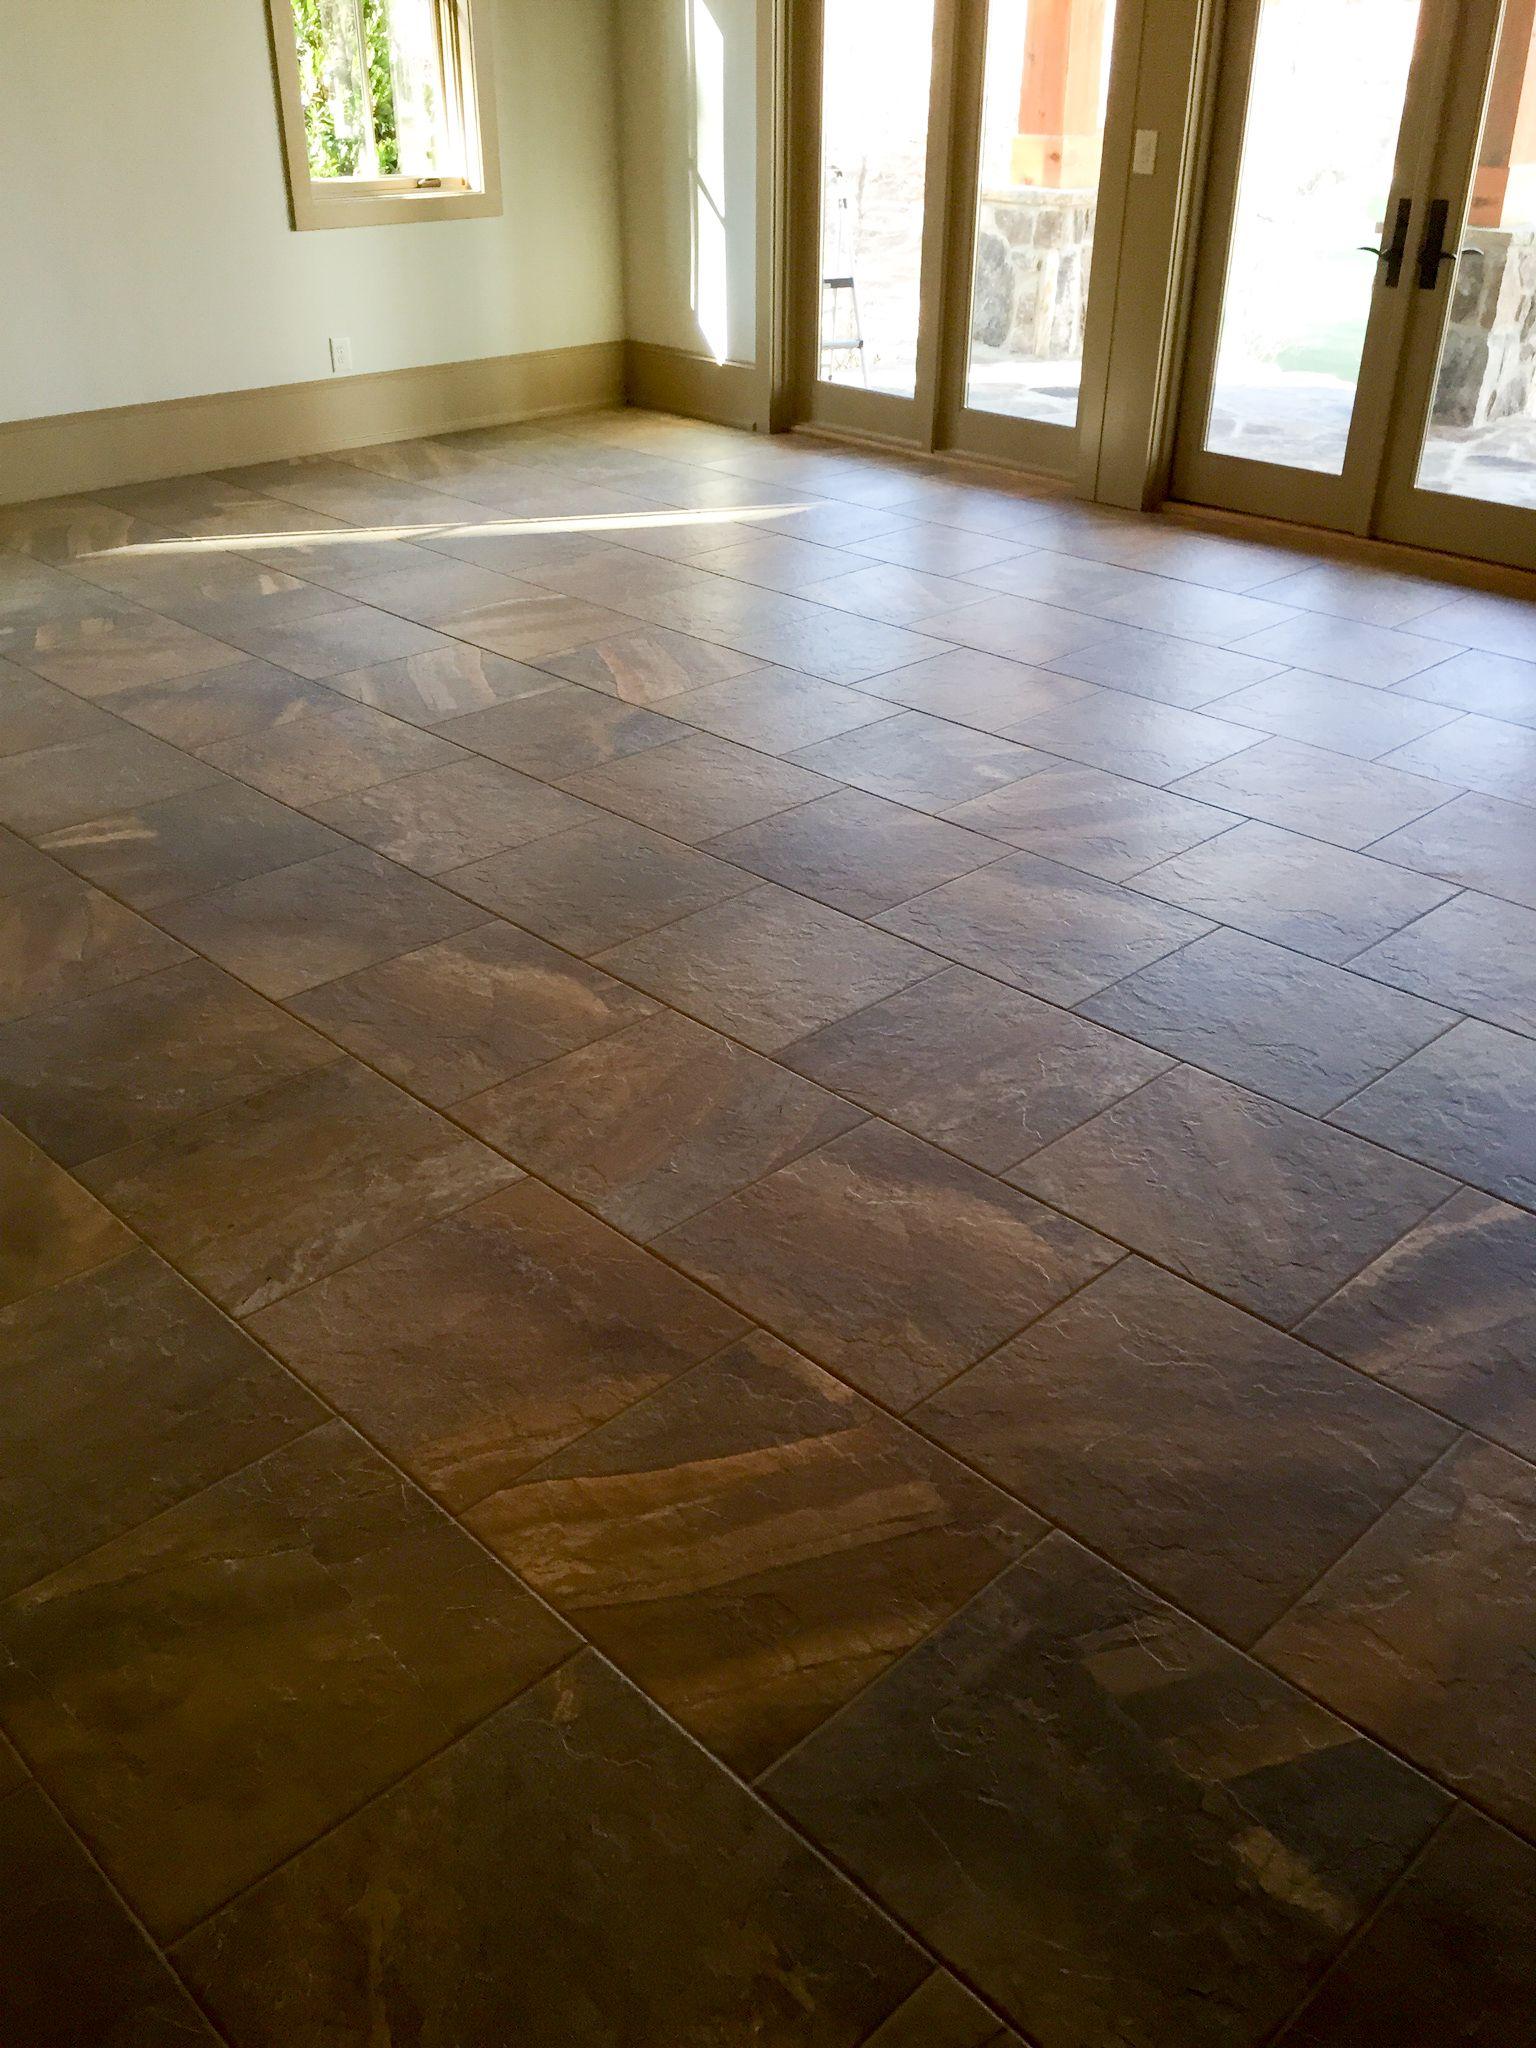 Floor in Lake Oconee Home Flooring near me